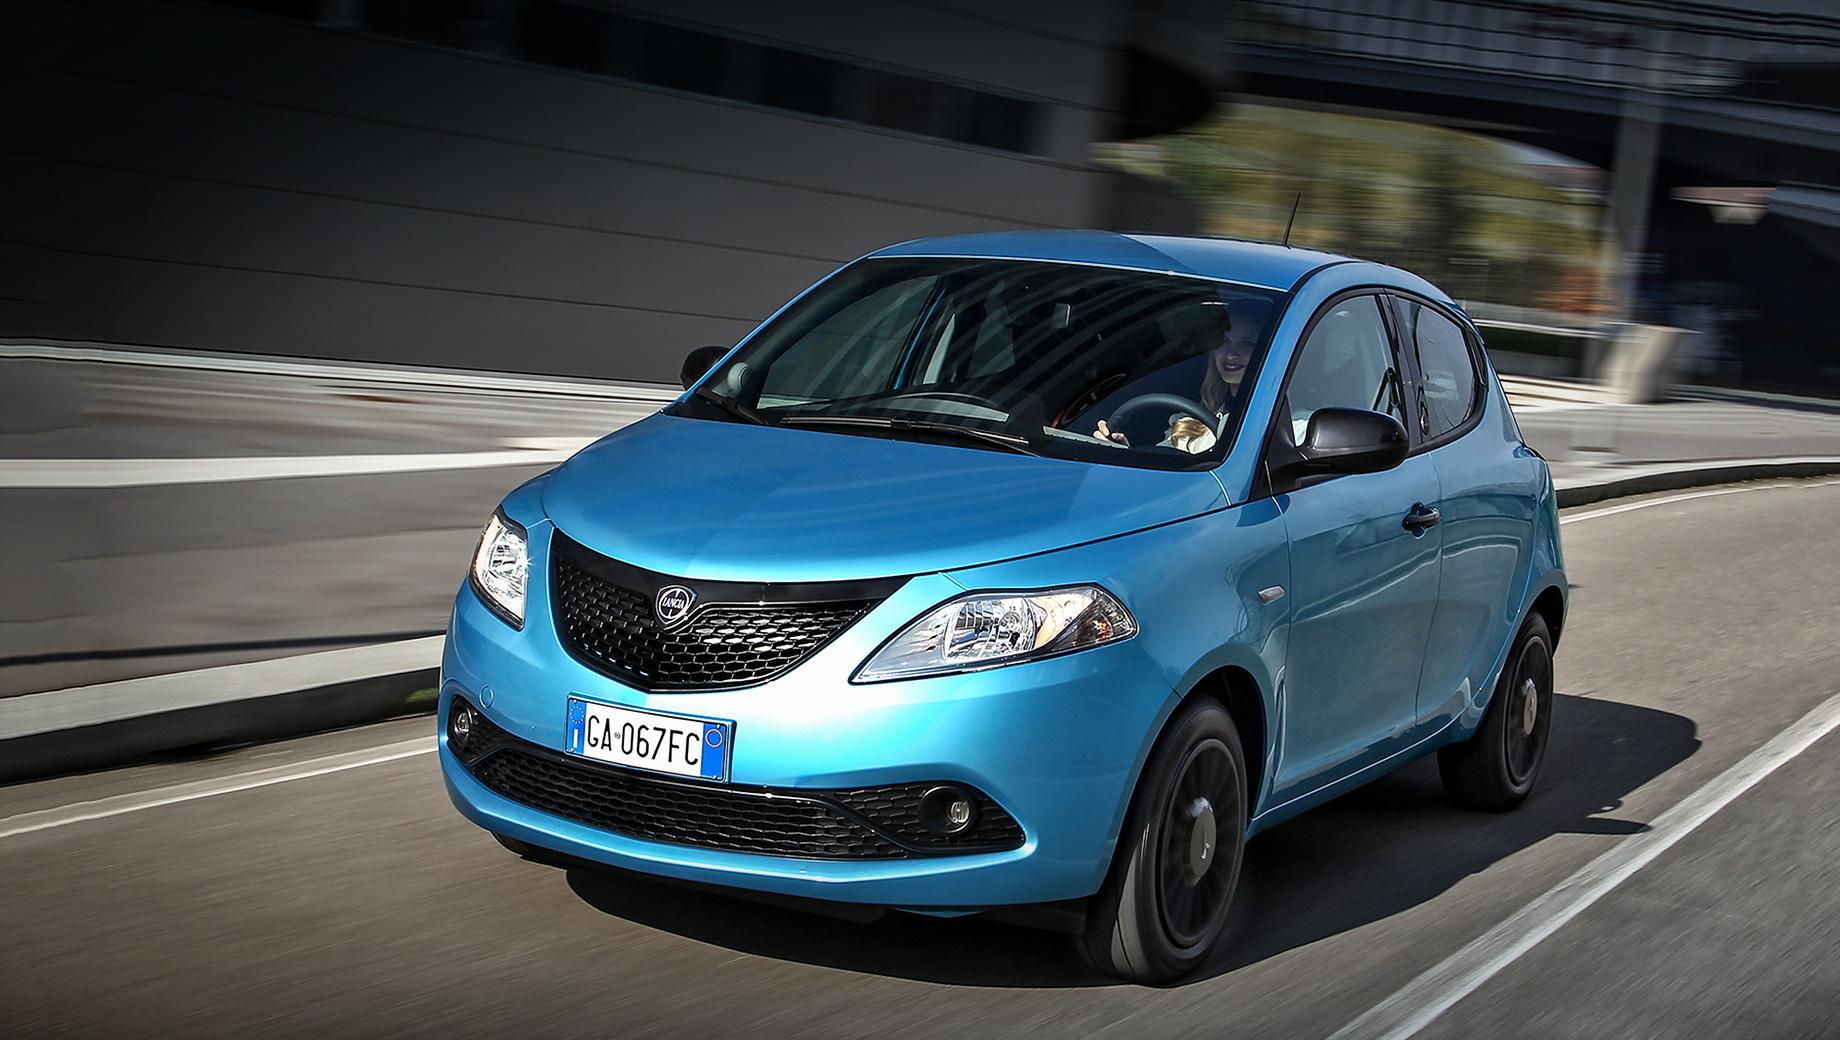 Lancia ypsilon,Lancia ypsilon hybrid. Lancia Ypsilon Hybrid выходит на рынок в спецверсии Maryne, отличающейся оригинальным голубым цветом Blue Maryne и чёрной глянцевой отделкой снаружи. Заказы в Италии уже принимают, цена — от 16 400 евро (1,3 млн рублей).